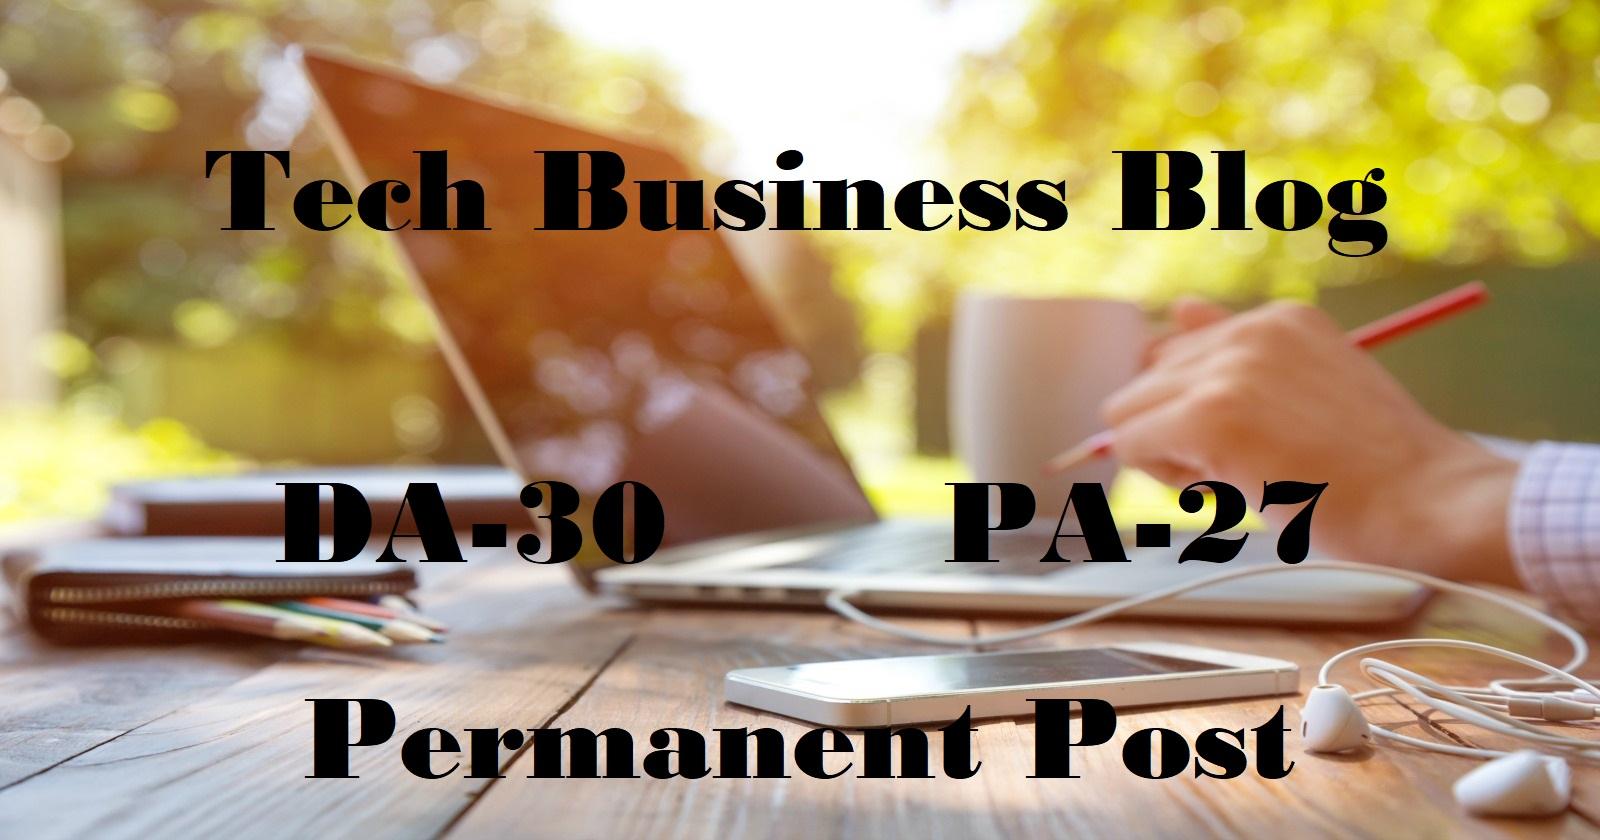 Guest Post on DA30+ Tech Business Social Media Blog